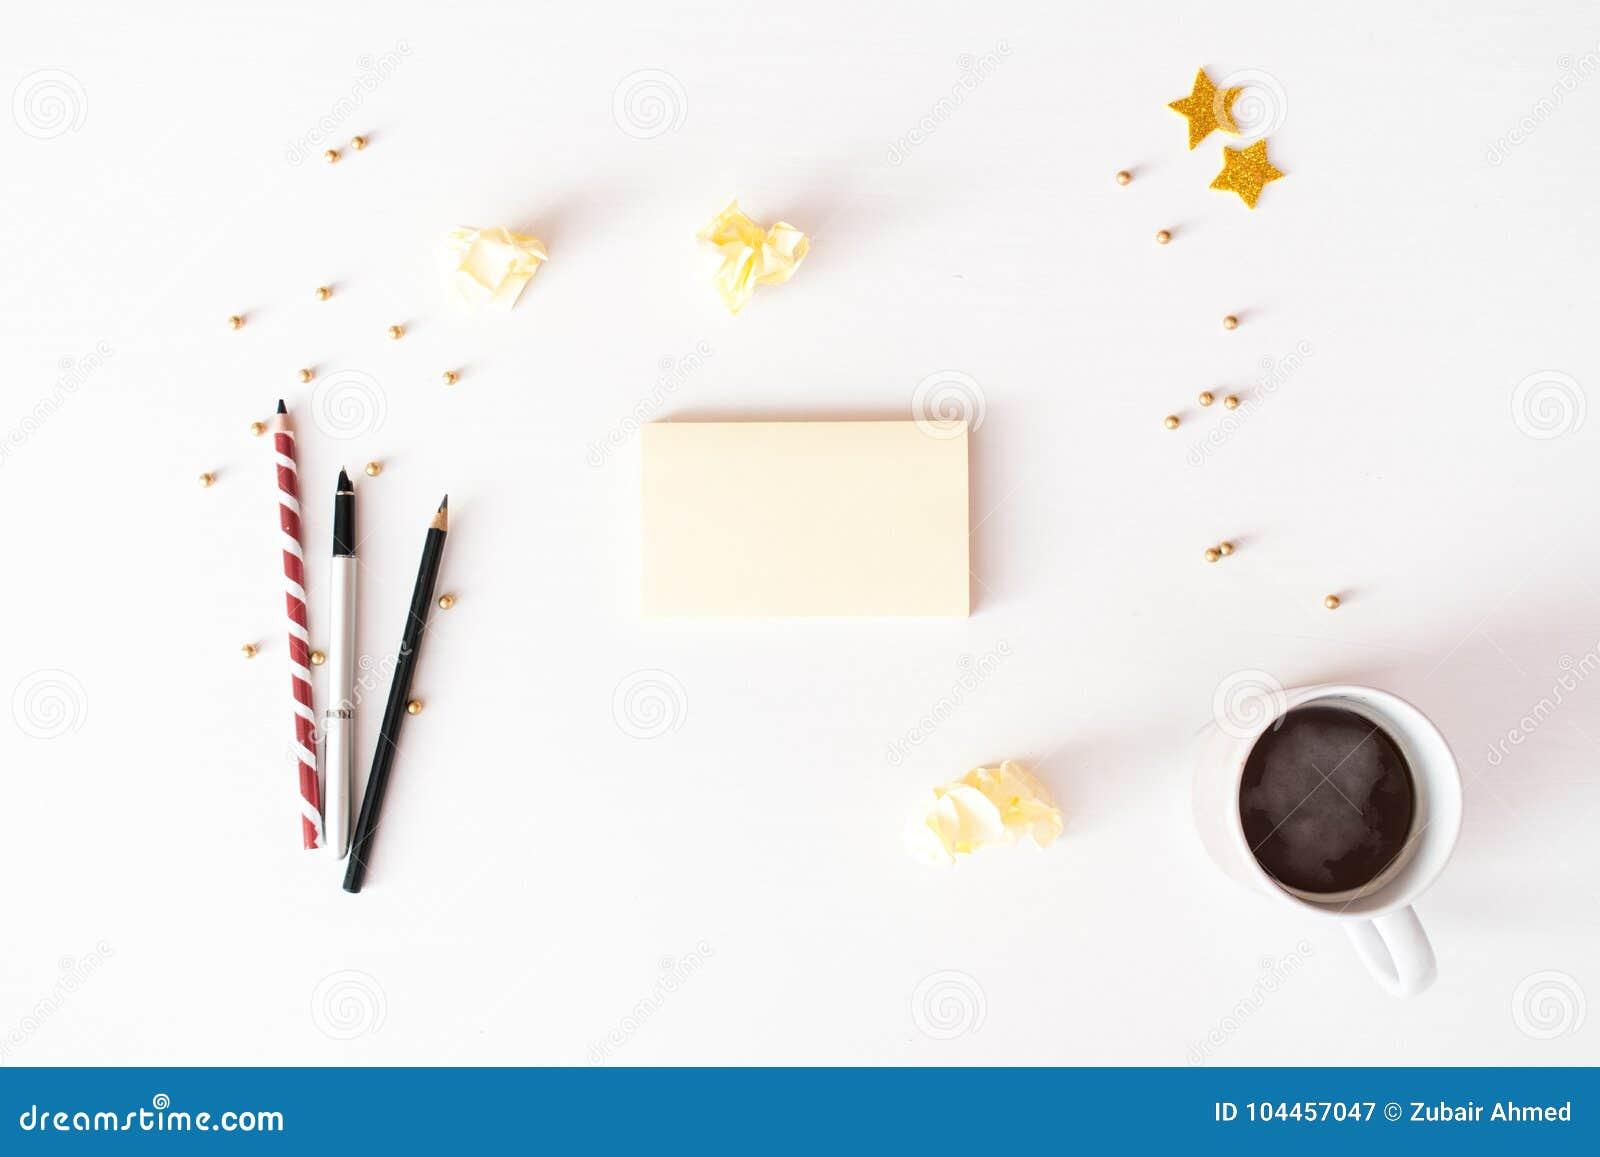 Nota s om de samenstellingsachtergrond van lijstkerstmis te doen behang, decoratie, ornamenten op witte achtergrond